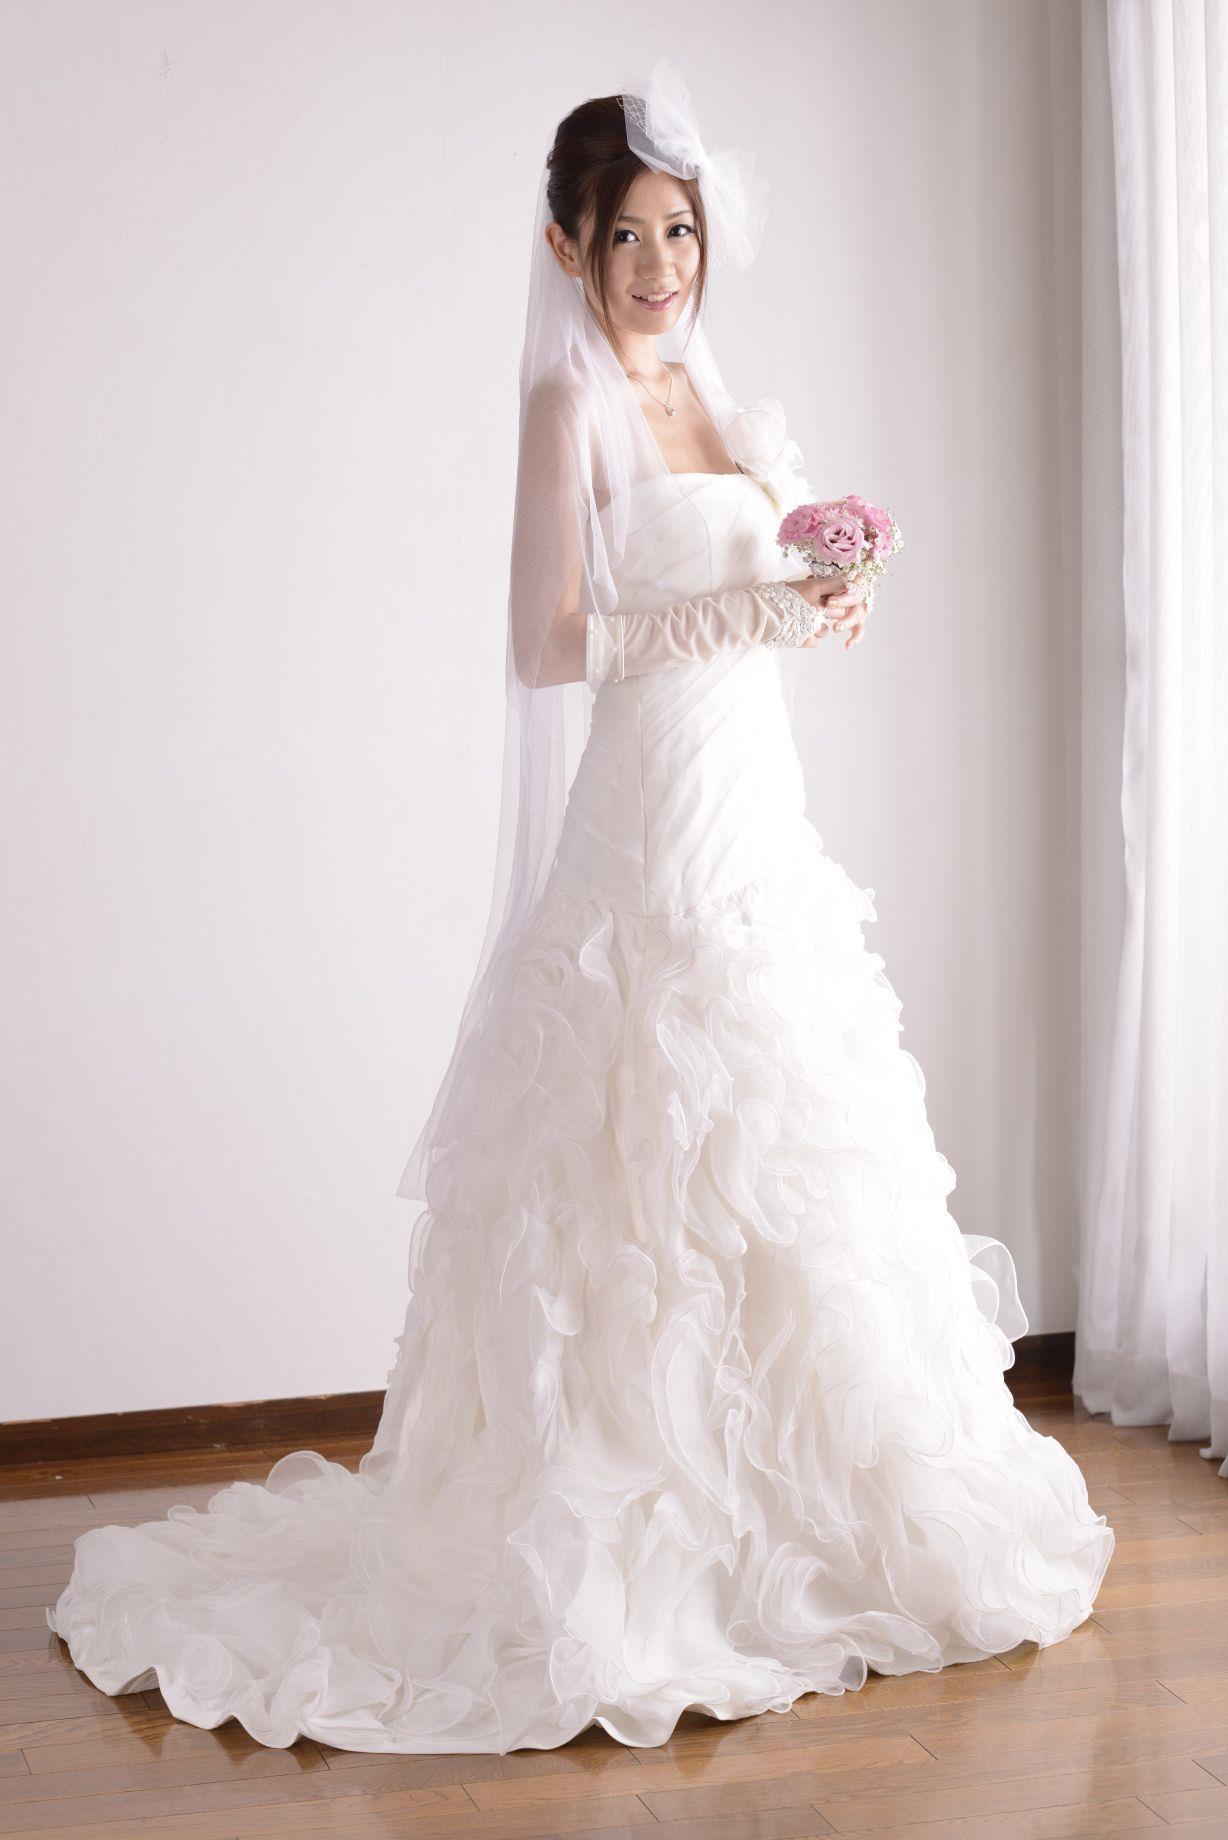 前田かおり ウェディングドレス画像 2